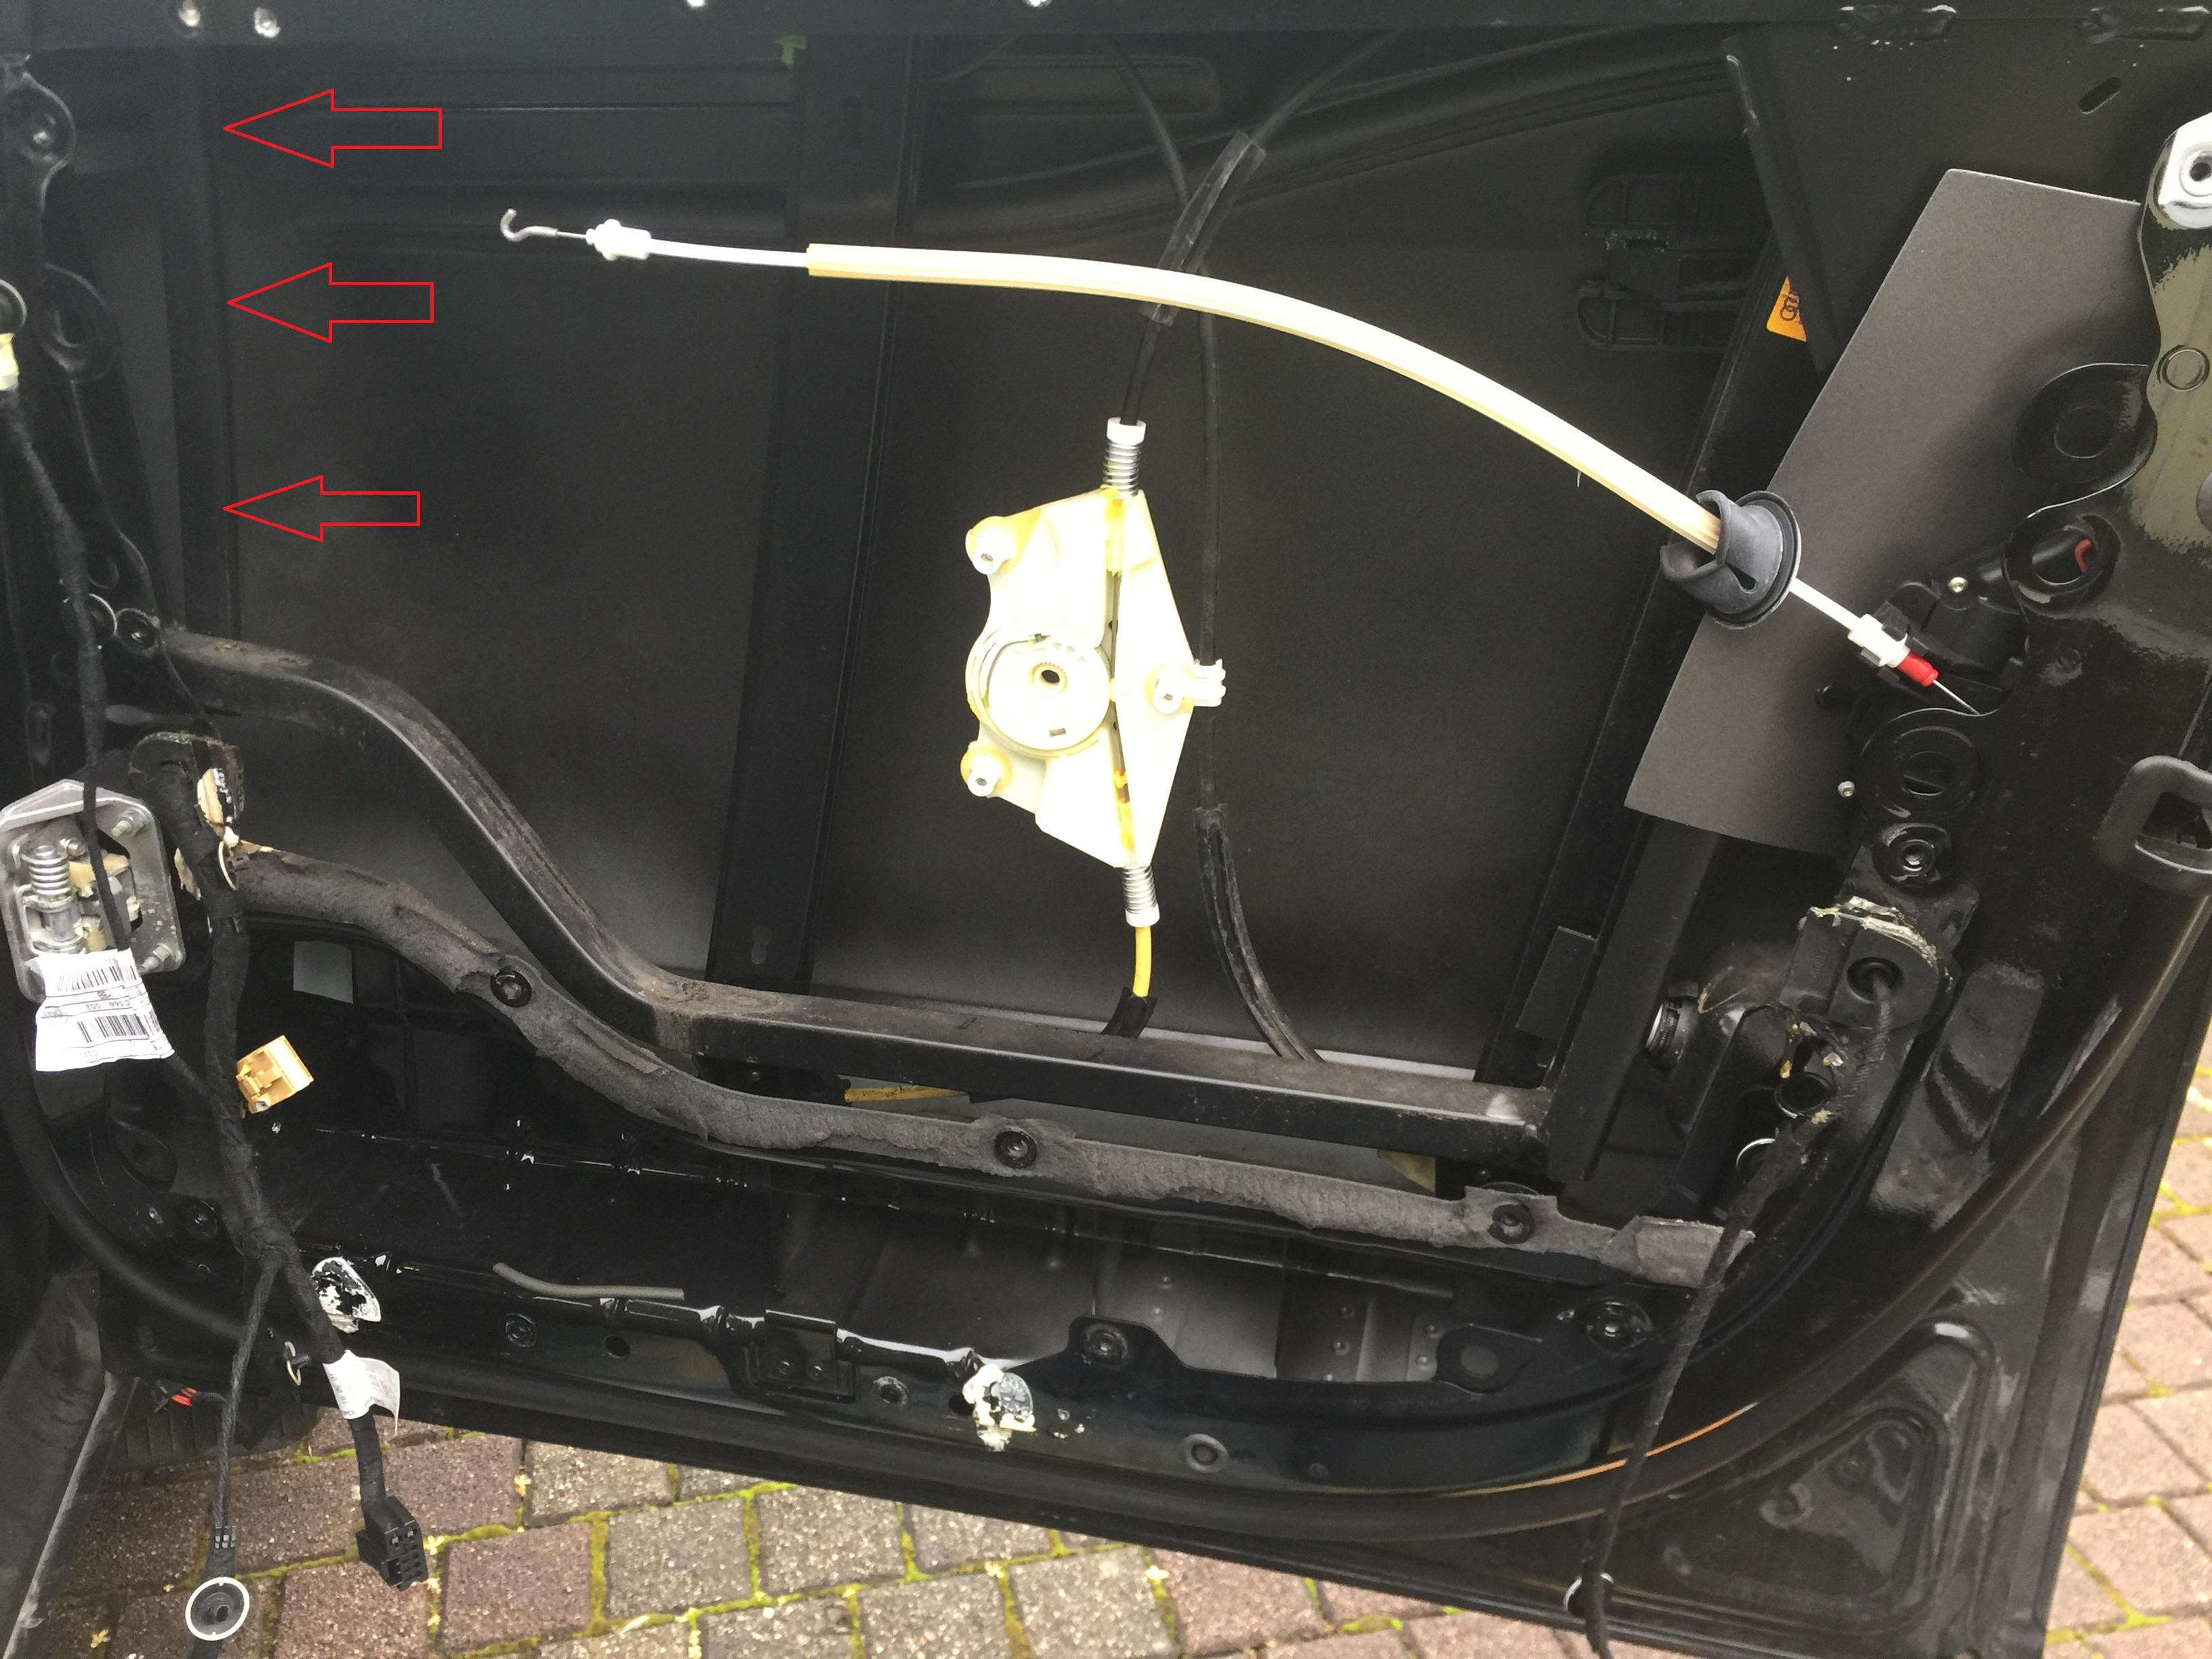 Nasse Türverkleidung - Seite 4 - Technik - Audi A2 Club Deutschland